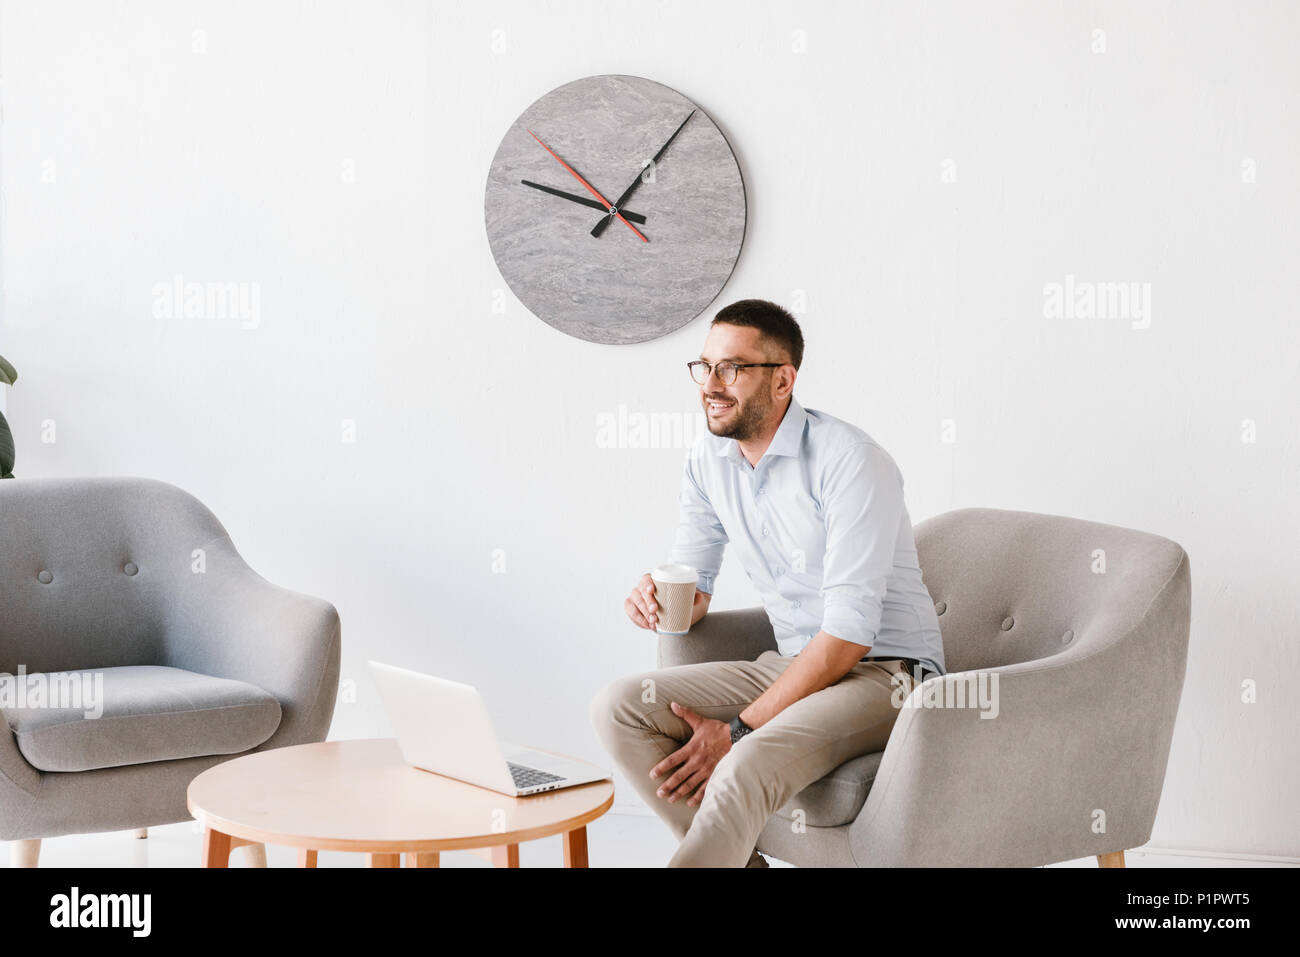 60b97148656 Imagen del hombre oficina diligente 30s en camisa blanca sentado en el  sillón y beber café para llevar mientras trabajando en el portátil en el  centro de ...